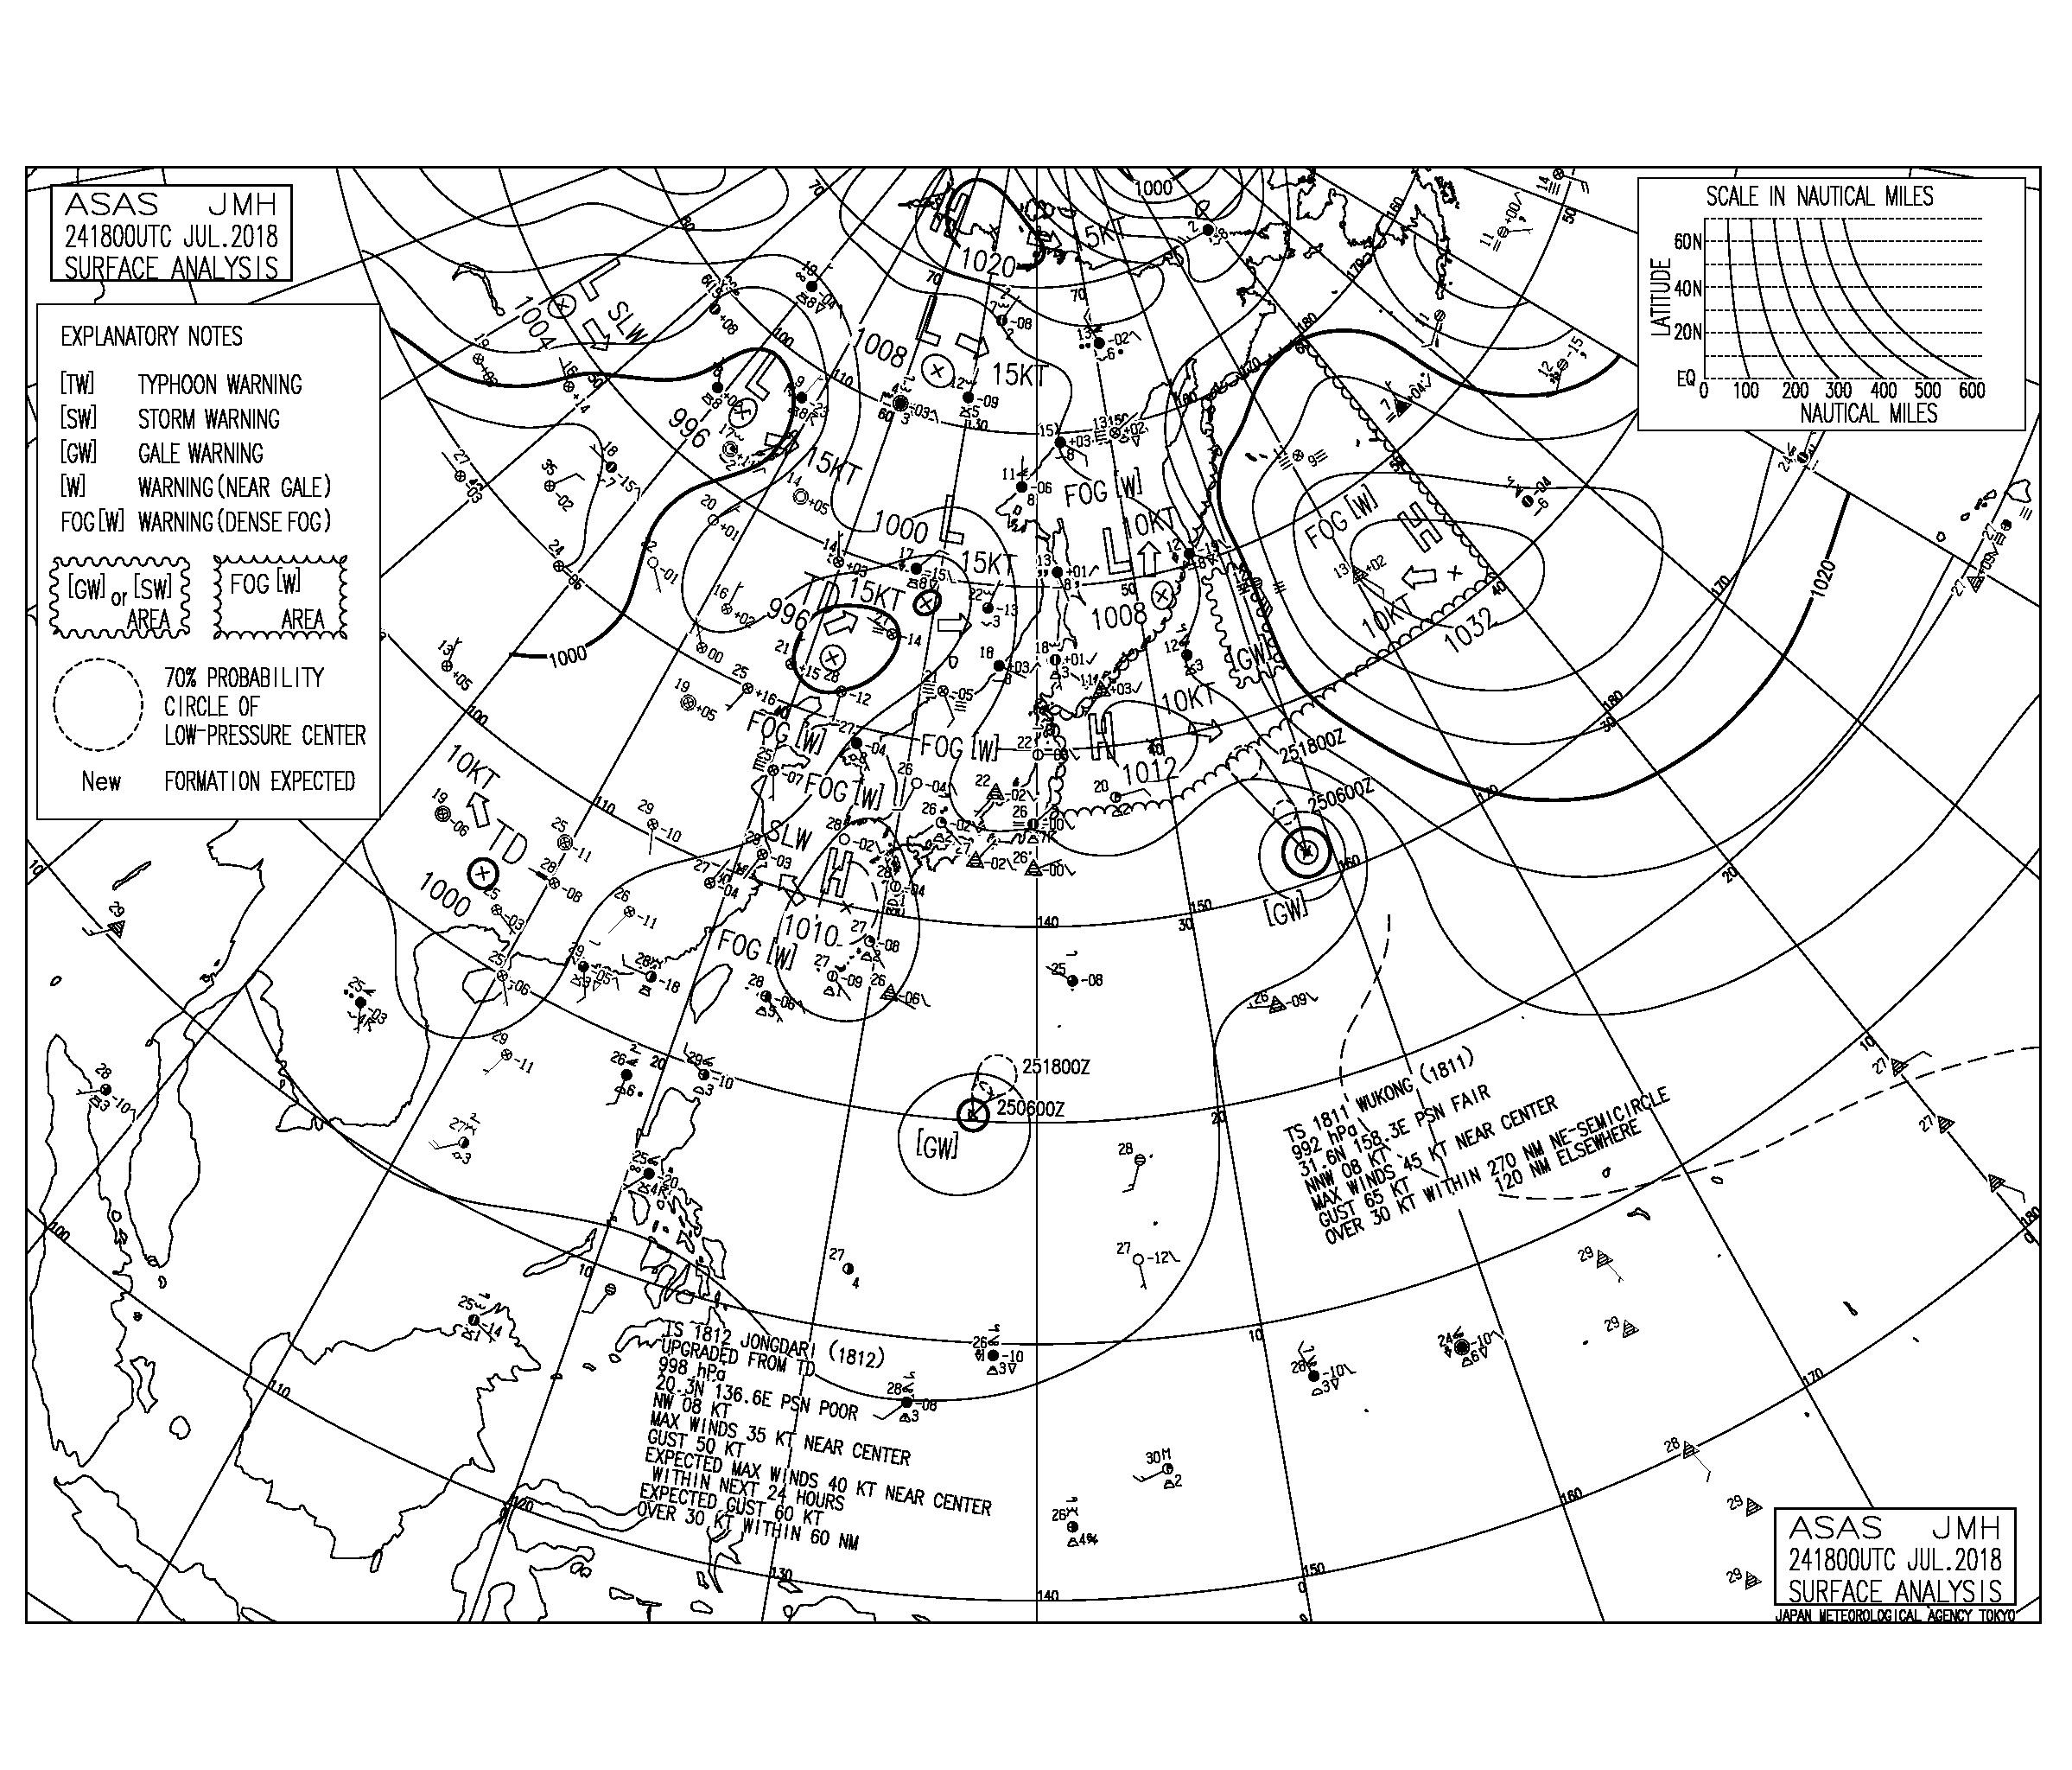 台風12号が発生、本州接近の通り道ができ今後の動きは要注意【2018.7.25】